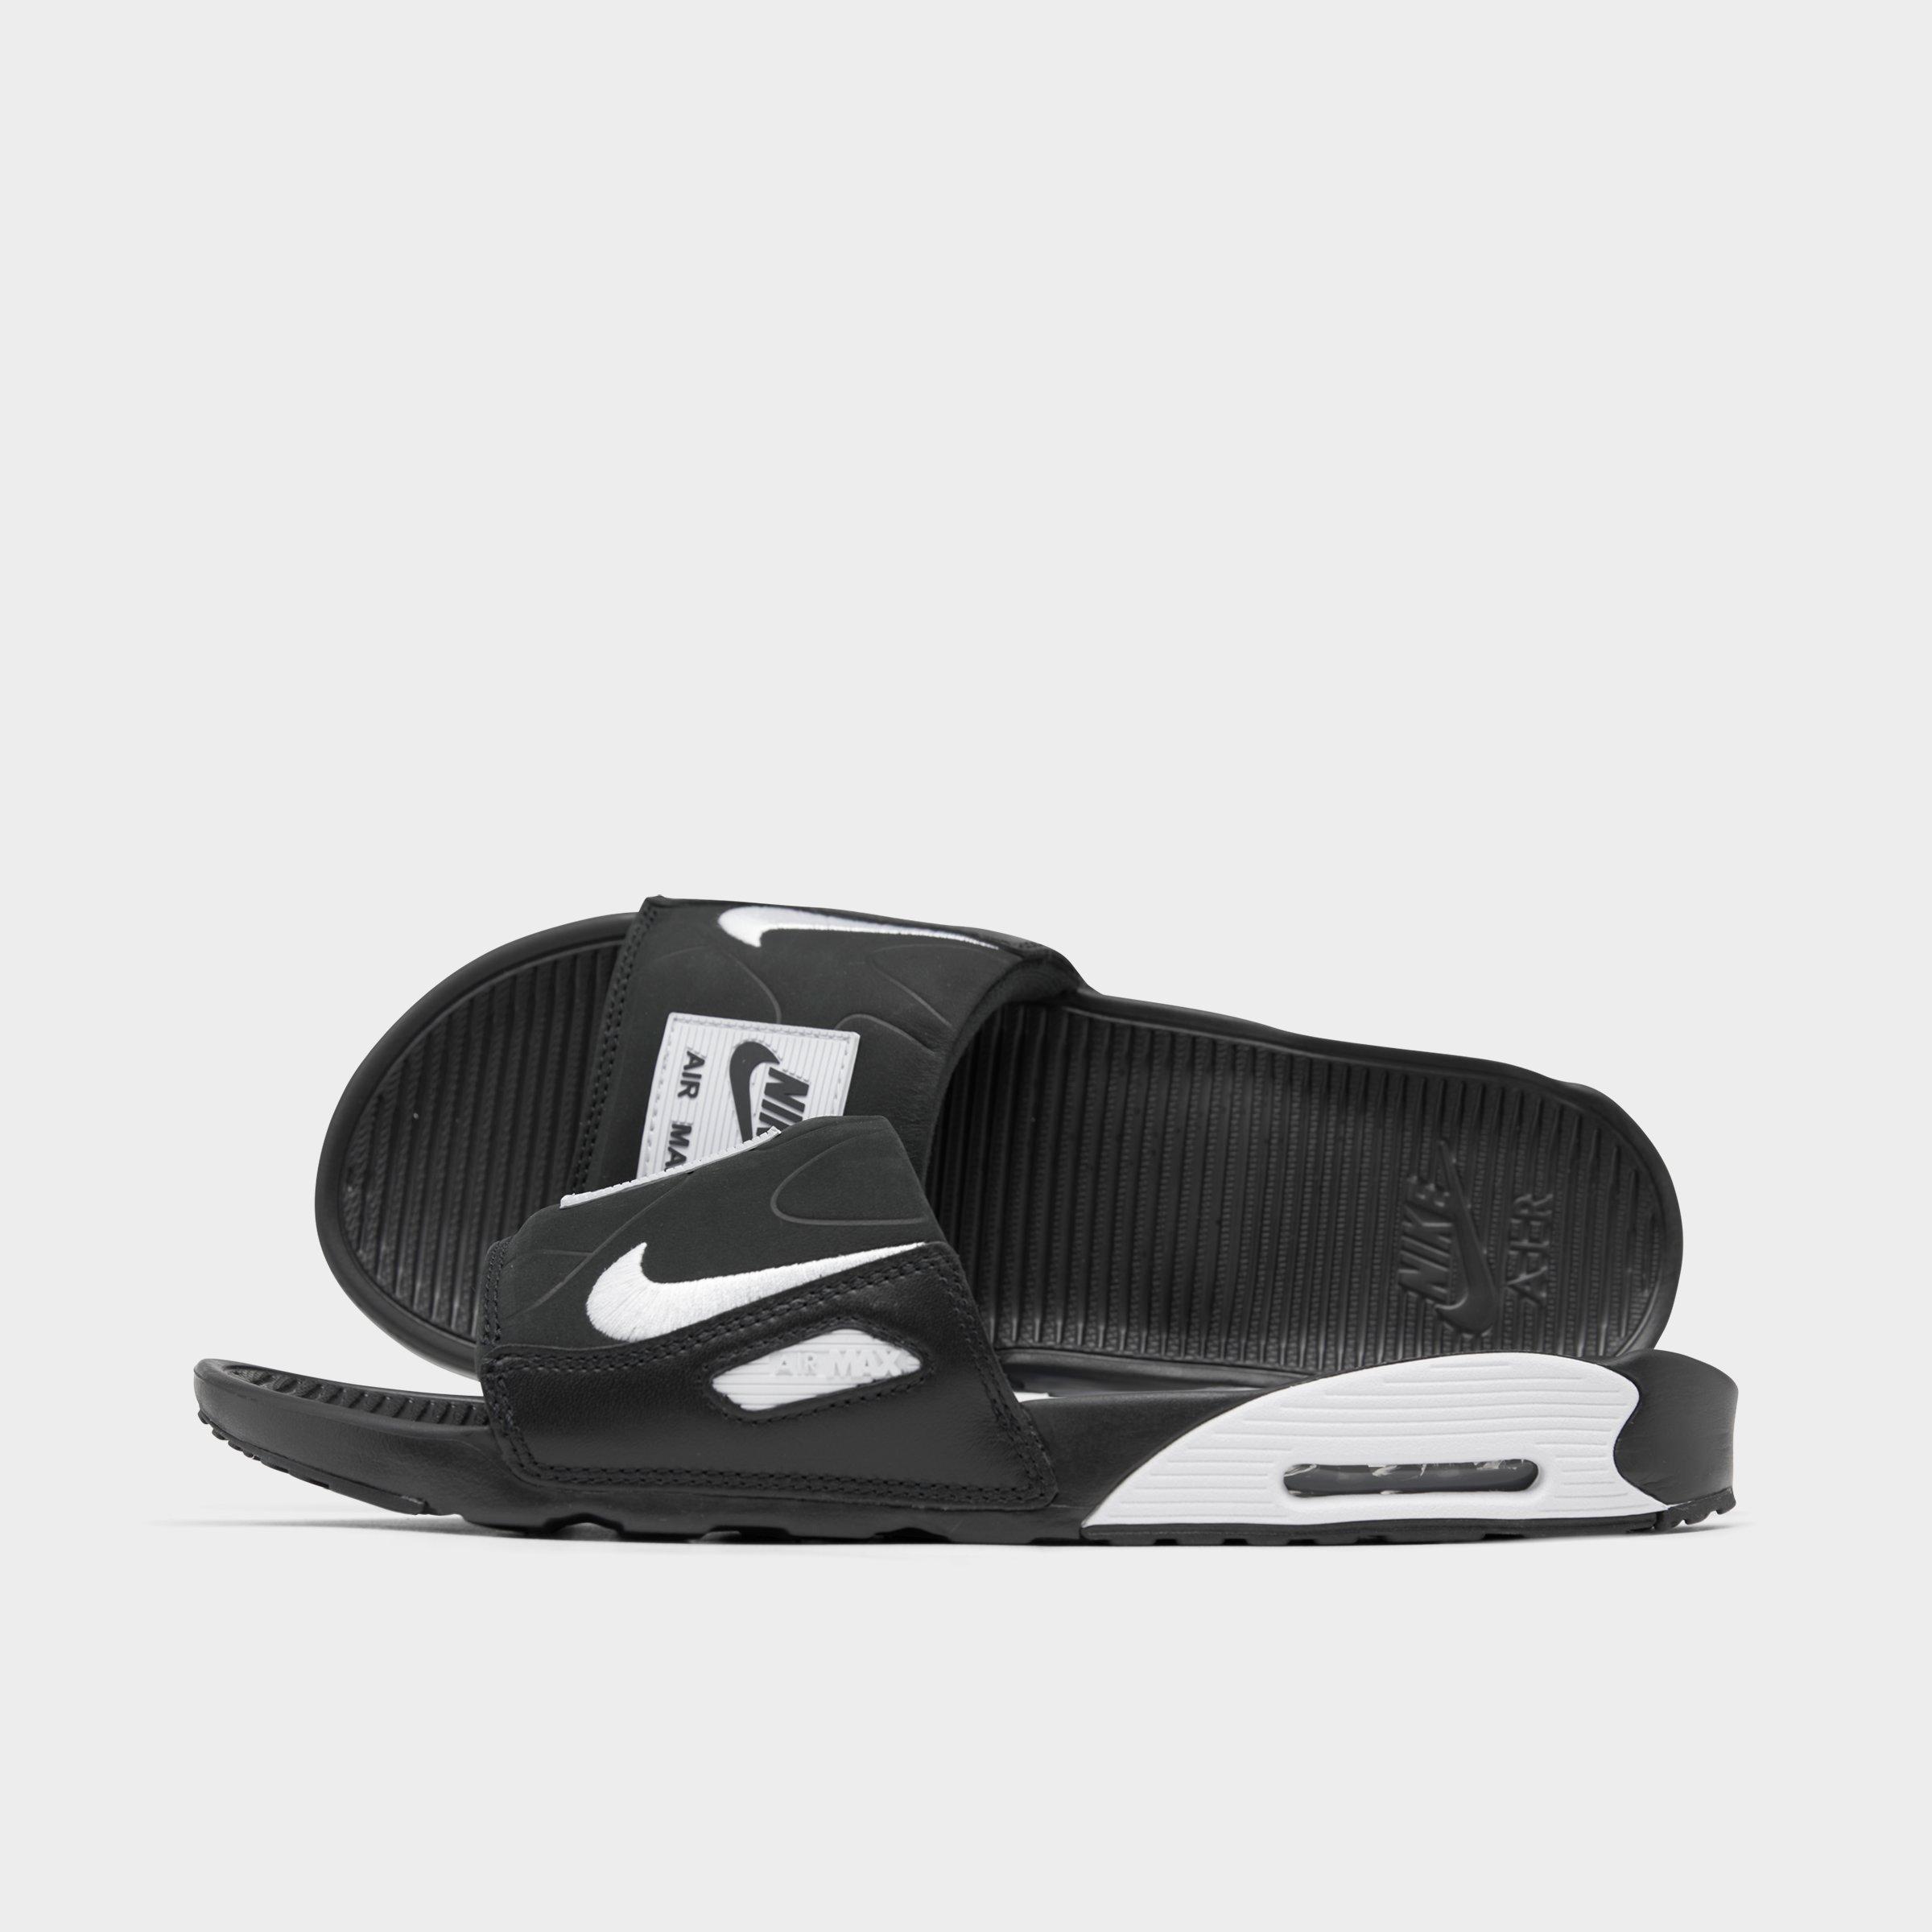 nike 90 sandals